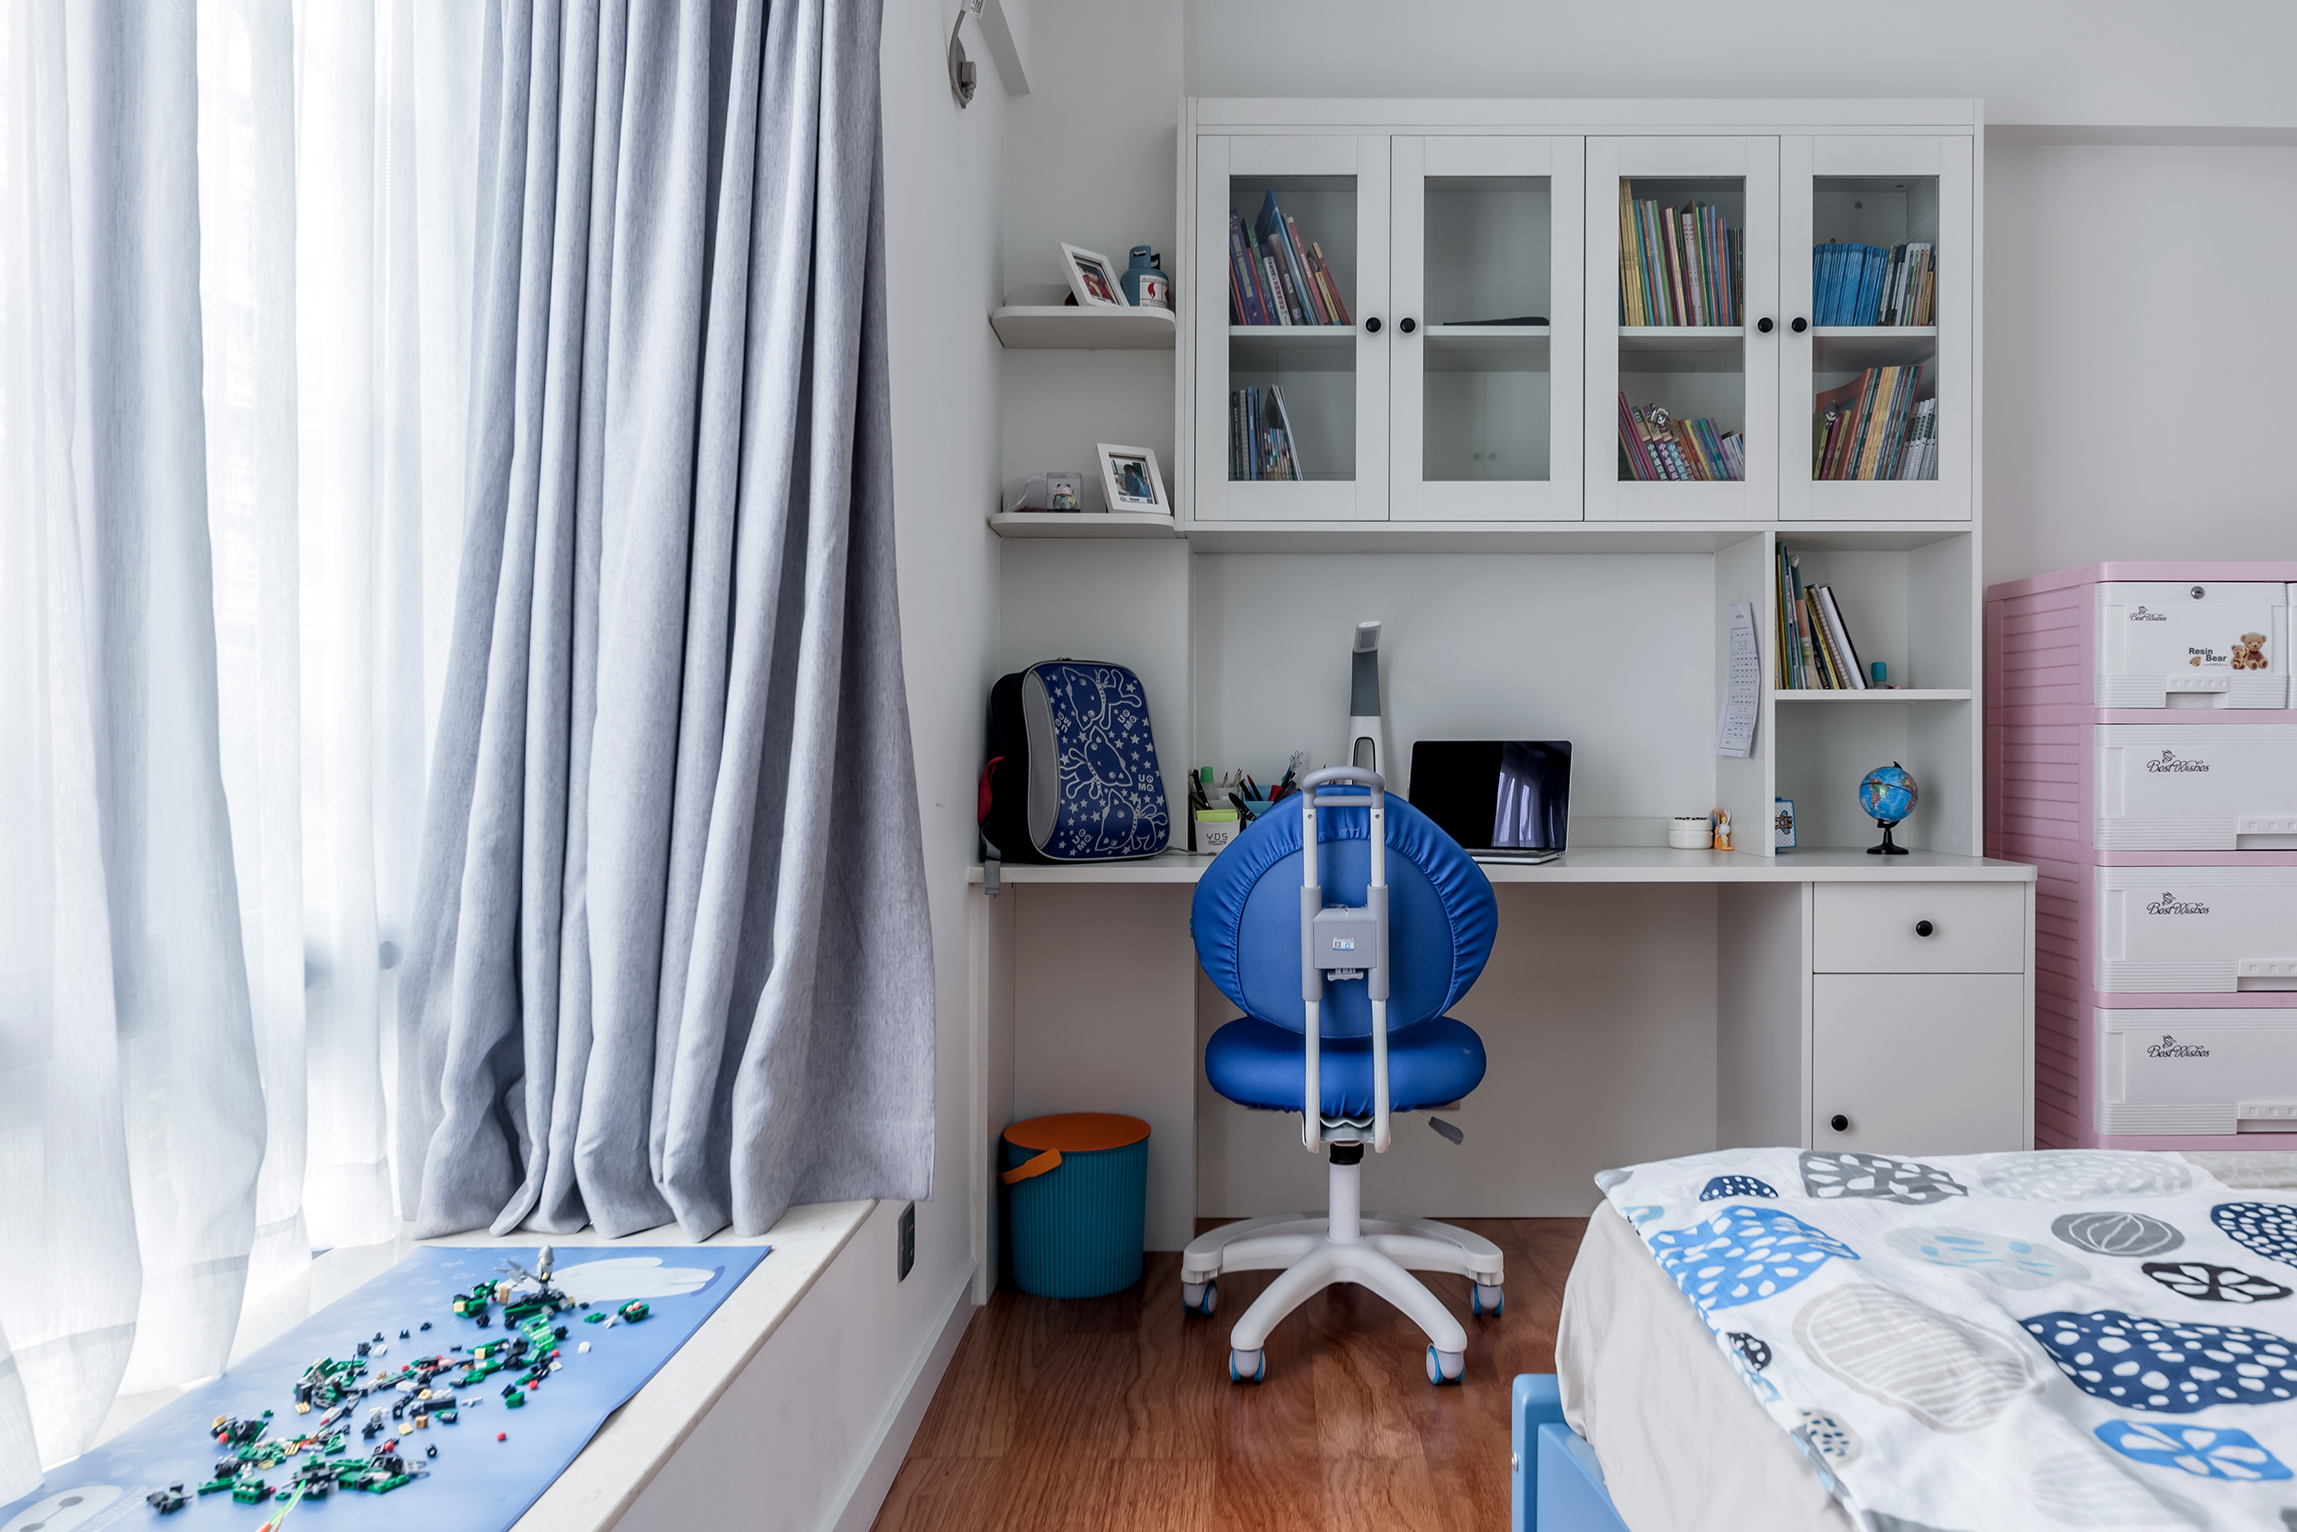 简约实用三房装修儿童房休闲写作区